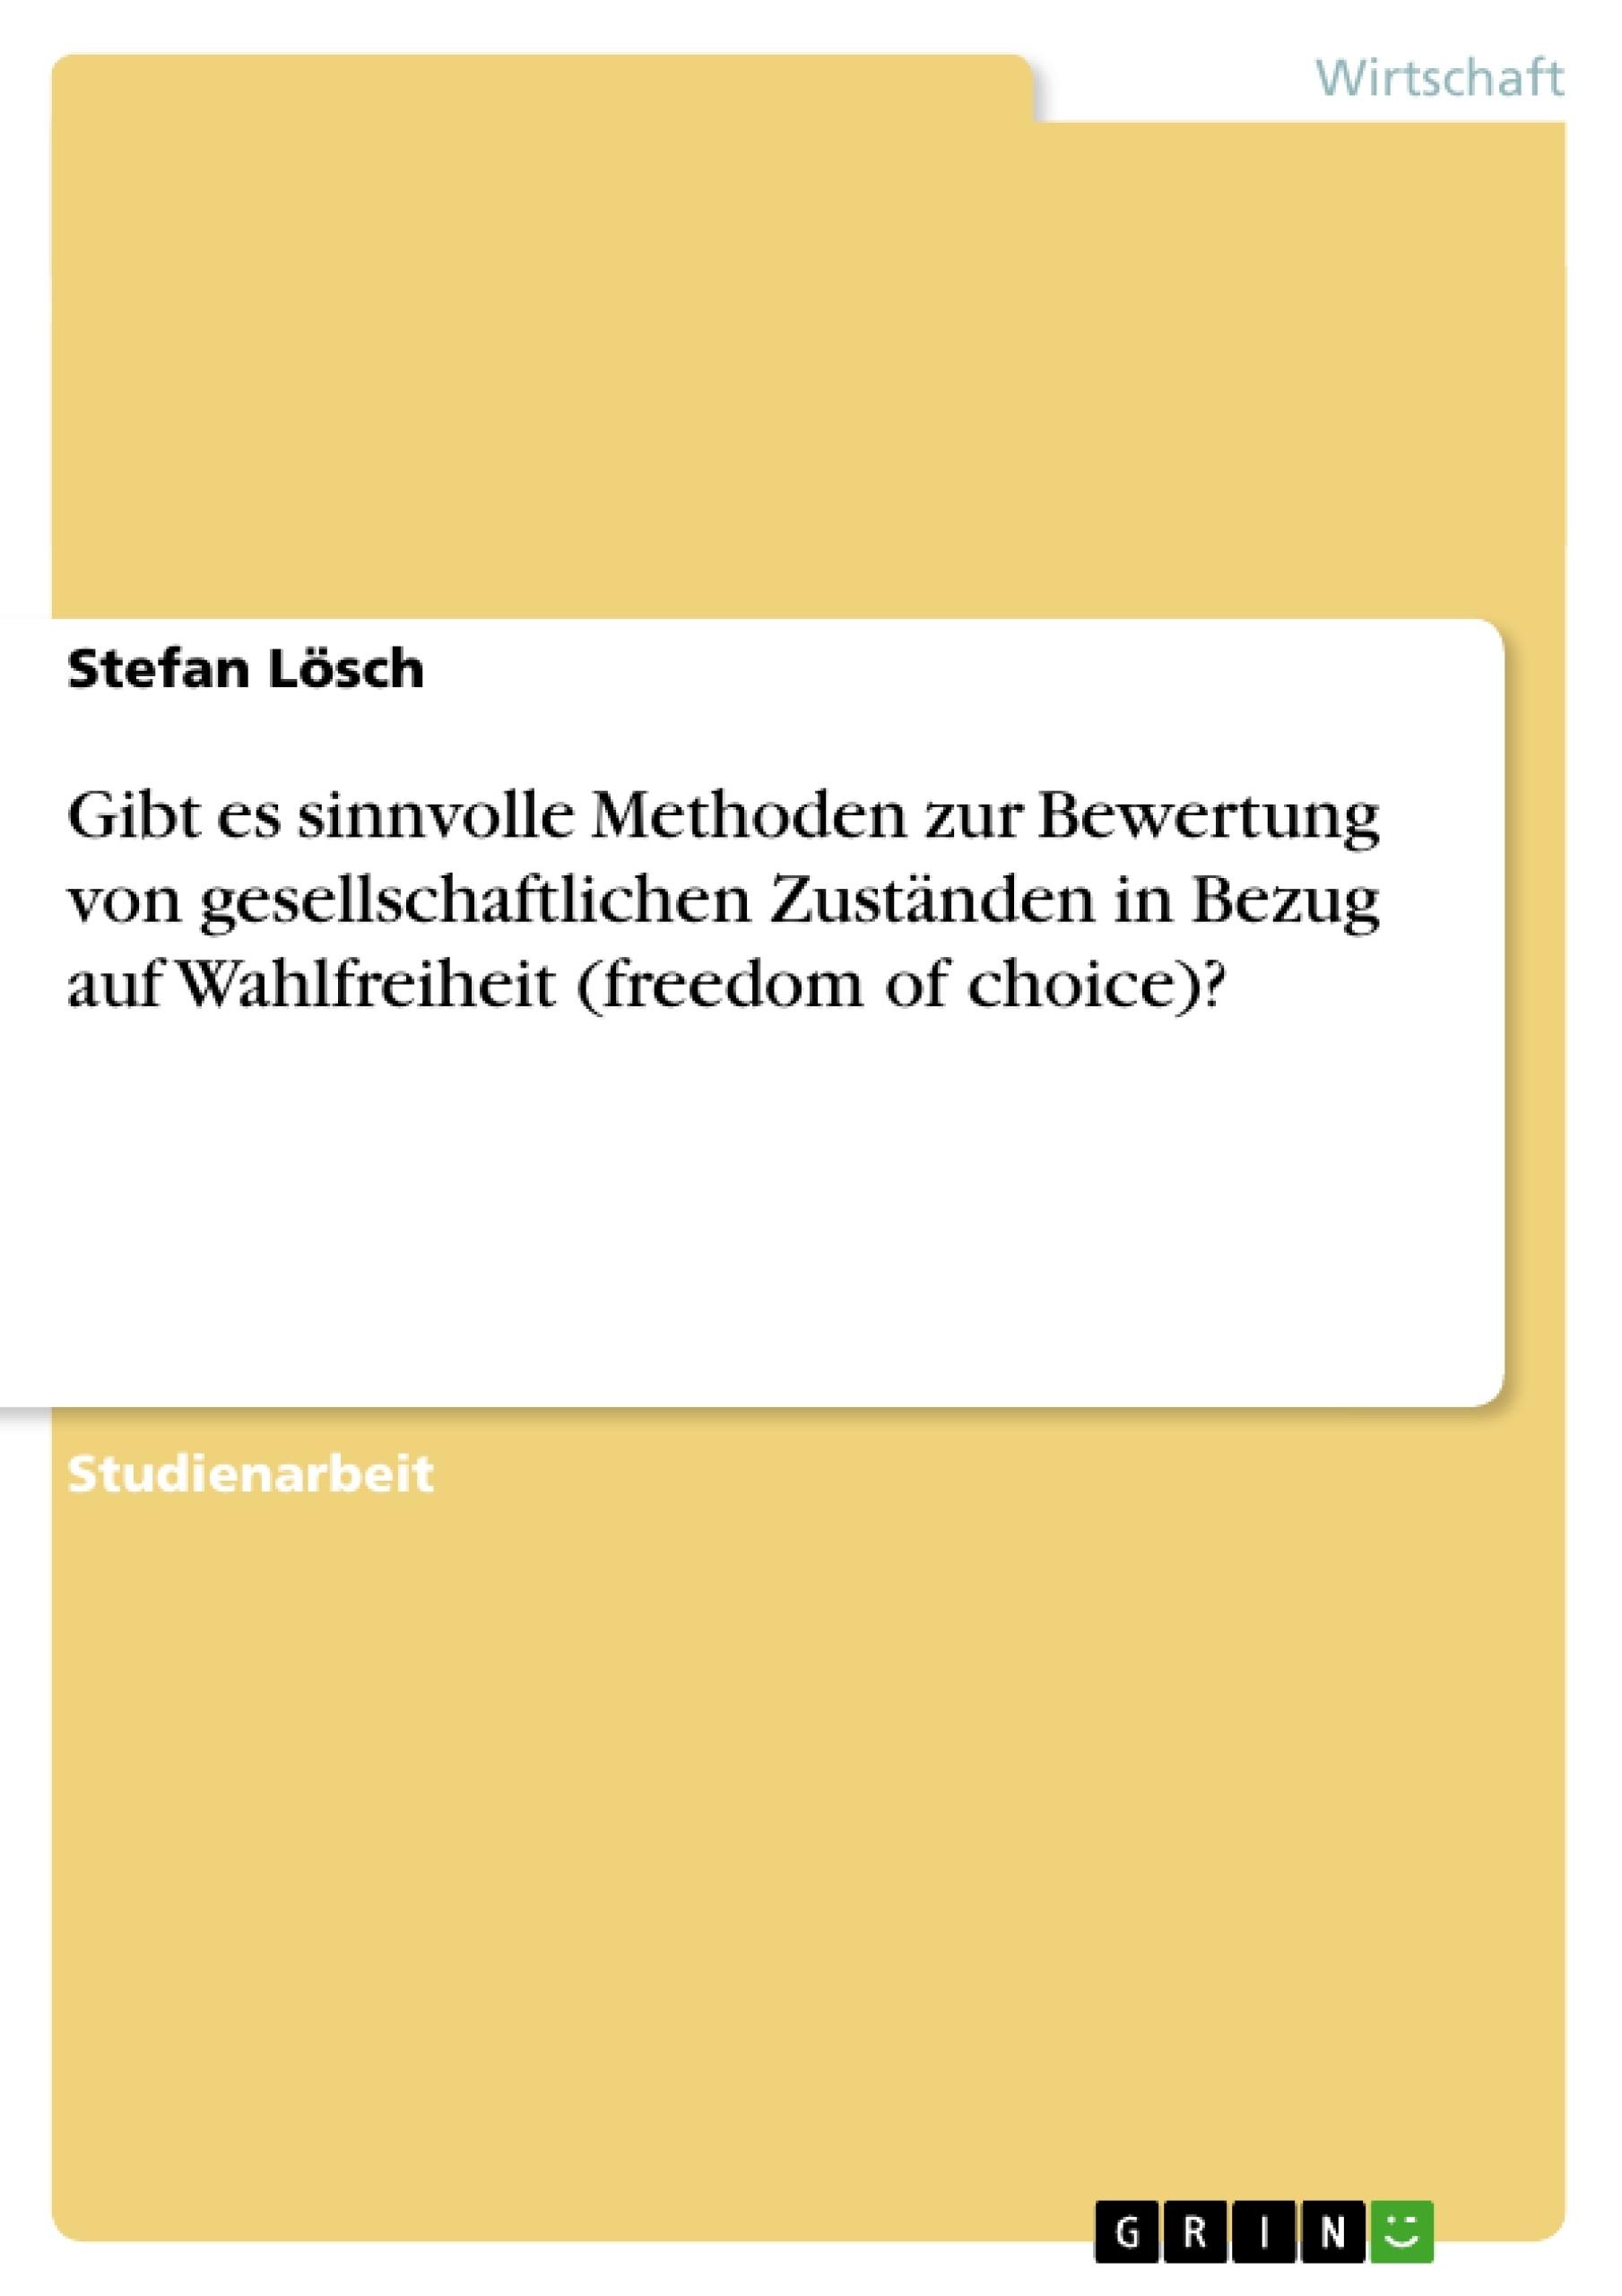 Titel: Gibt es sinnvolle Methoden zur Bewertung von gesellschaftlichen Zuständen in Bezug auf Wahlfreiheit (freedom of choice)?